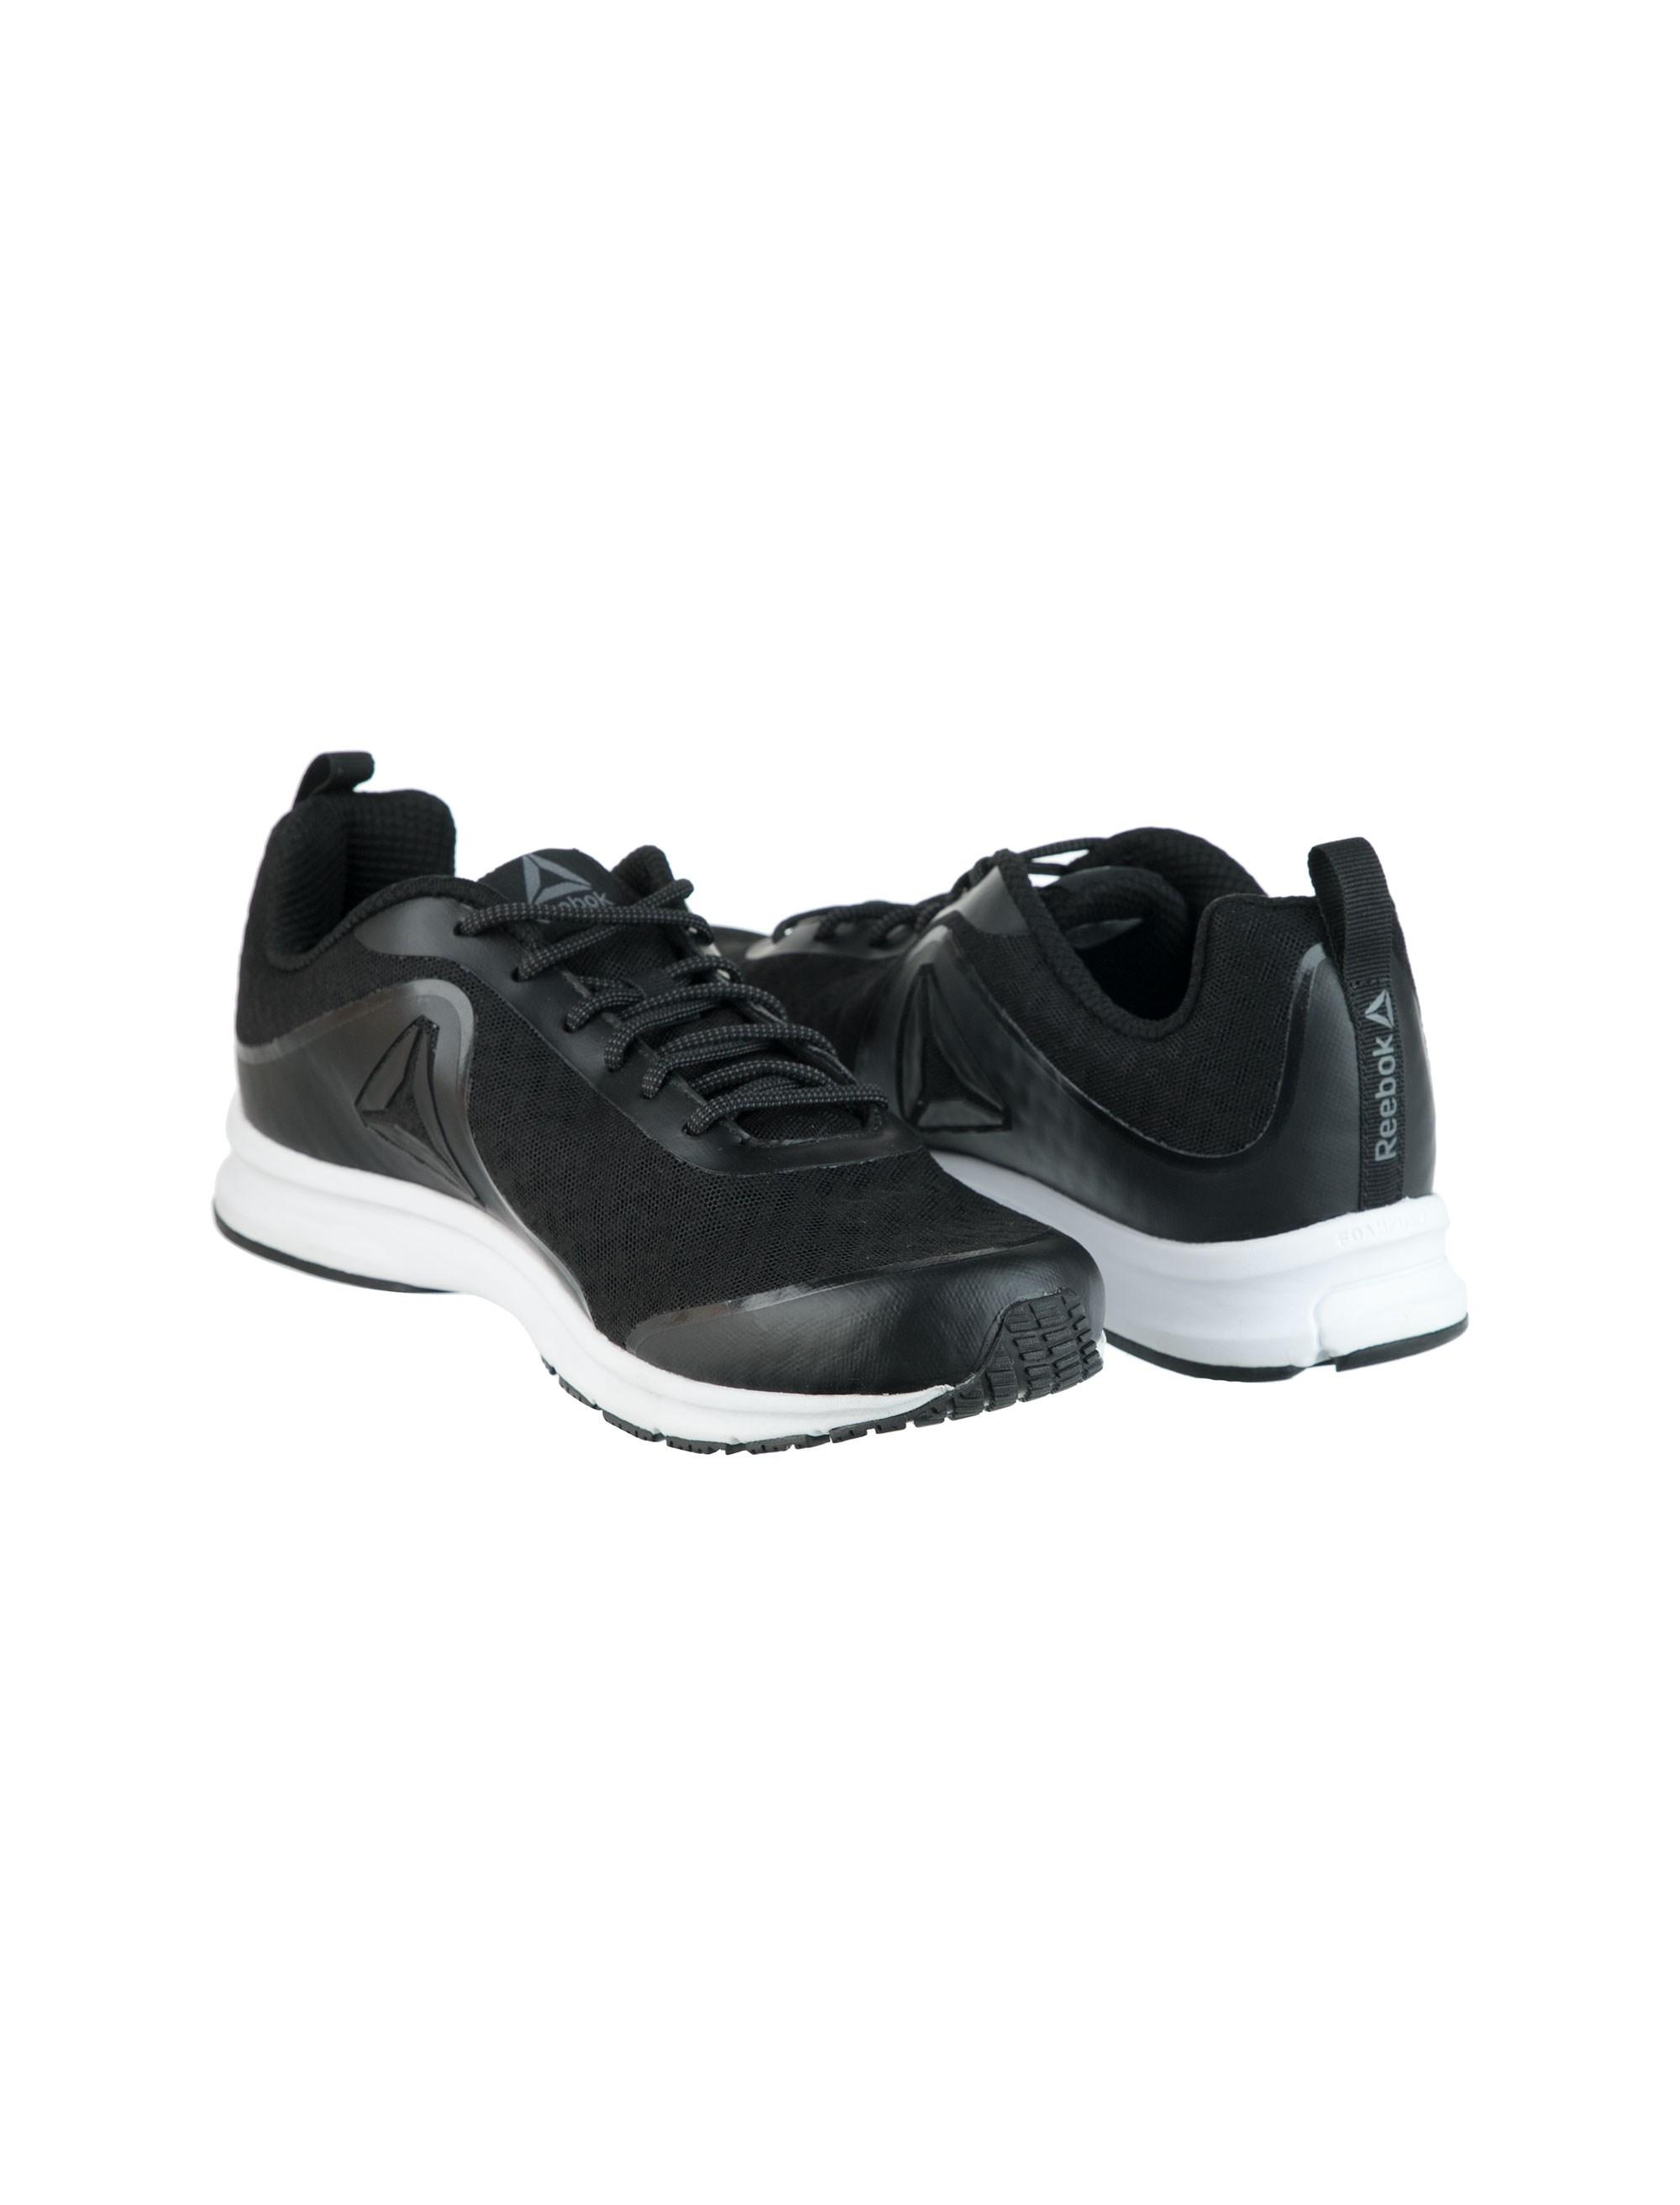 کفش دویدن بندی مردانه Triplehall 7-0 - مشکي - 5